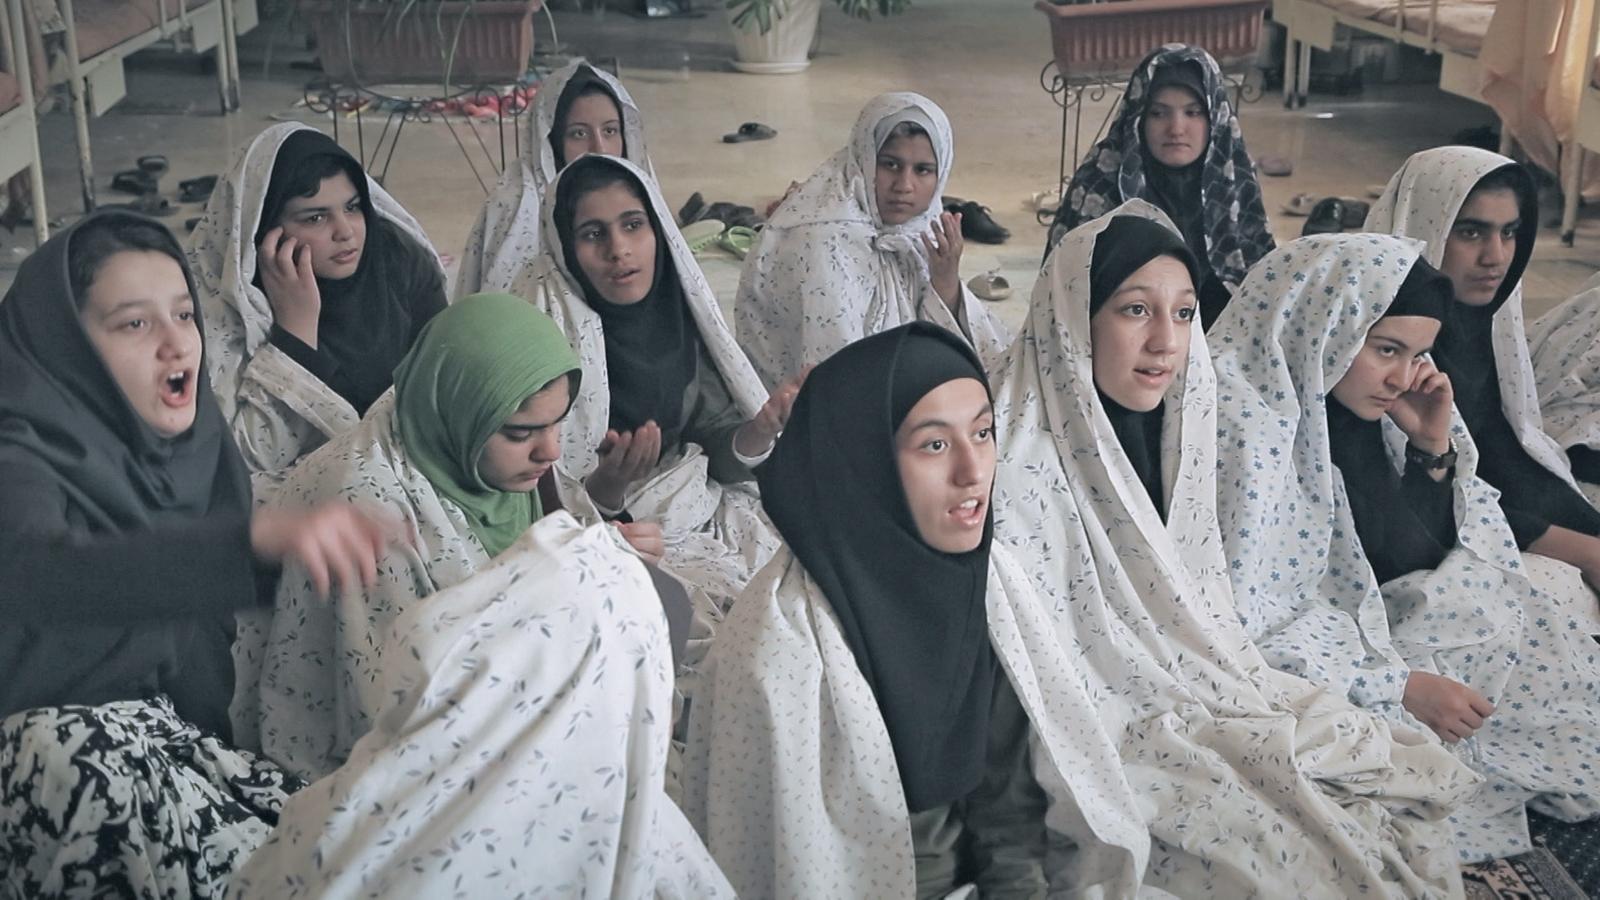 イスラム教の法学者に、女性差別や運命の理不尽さを問いかける少女たち。